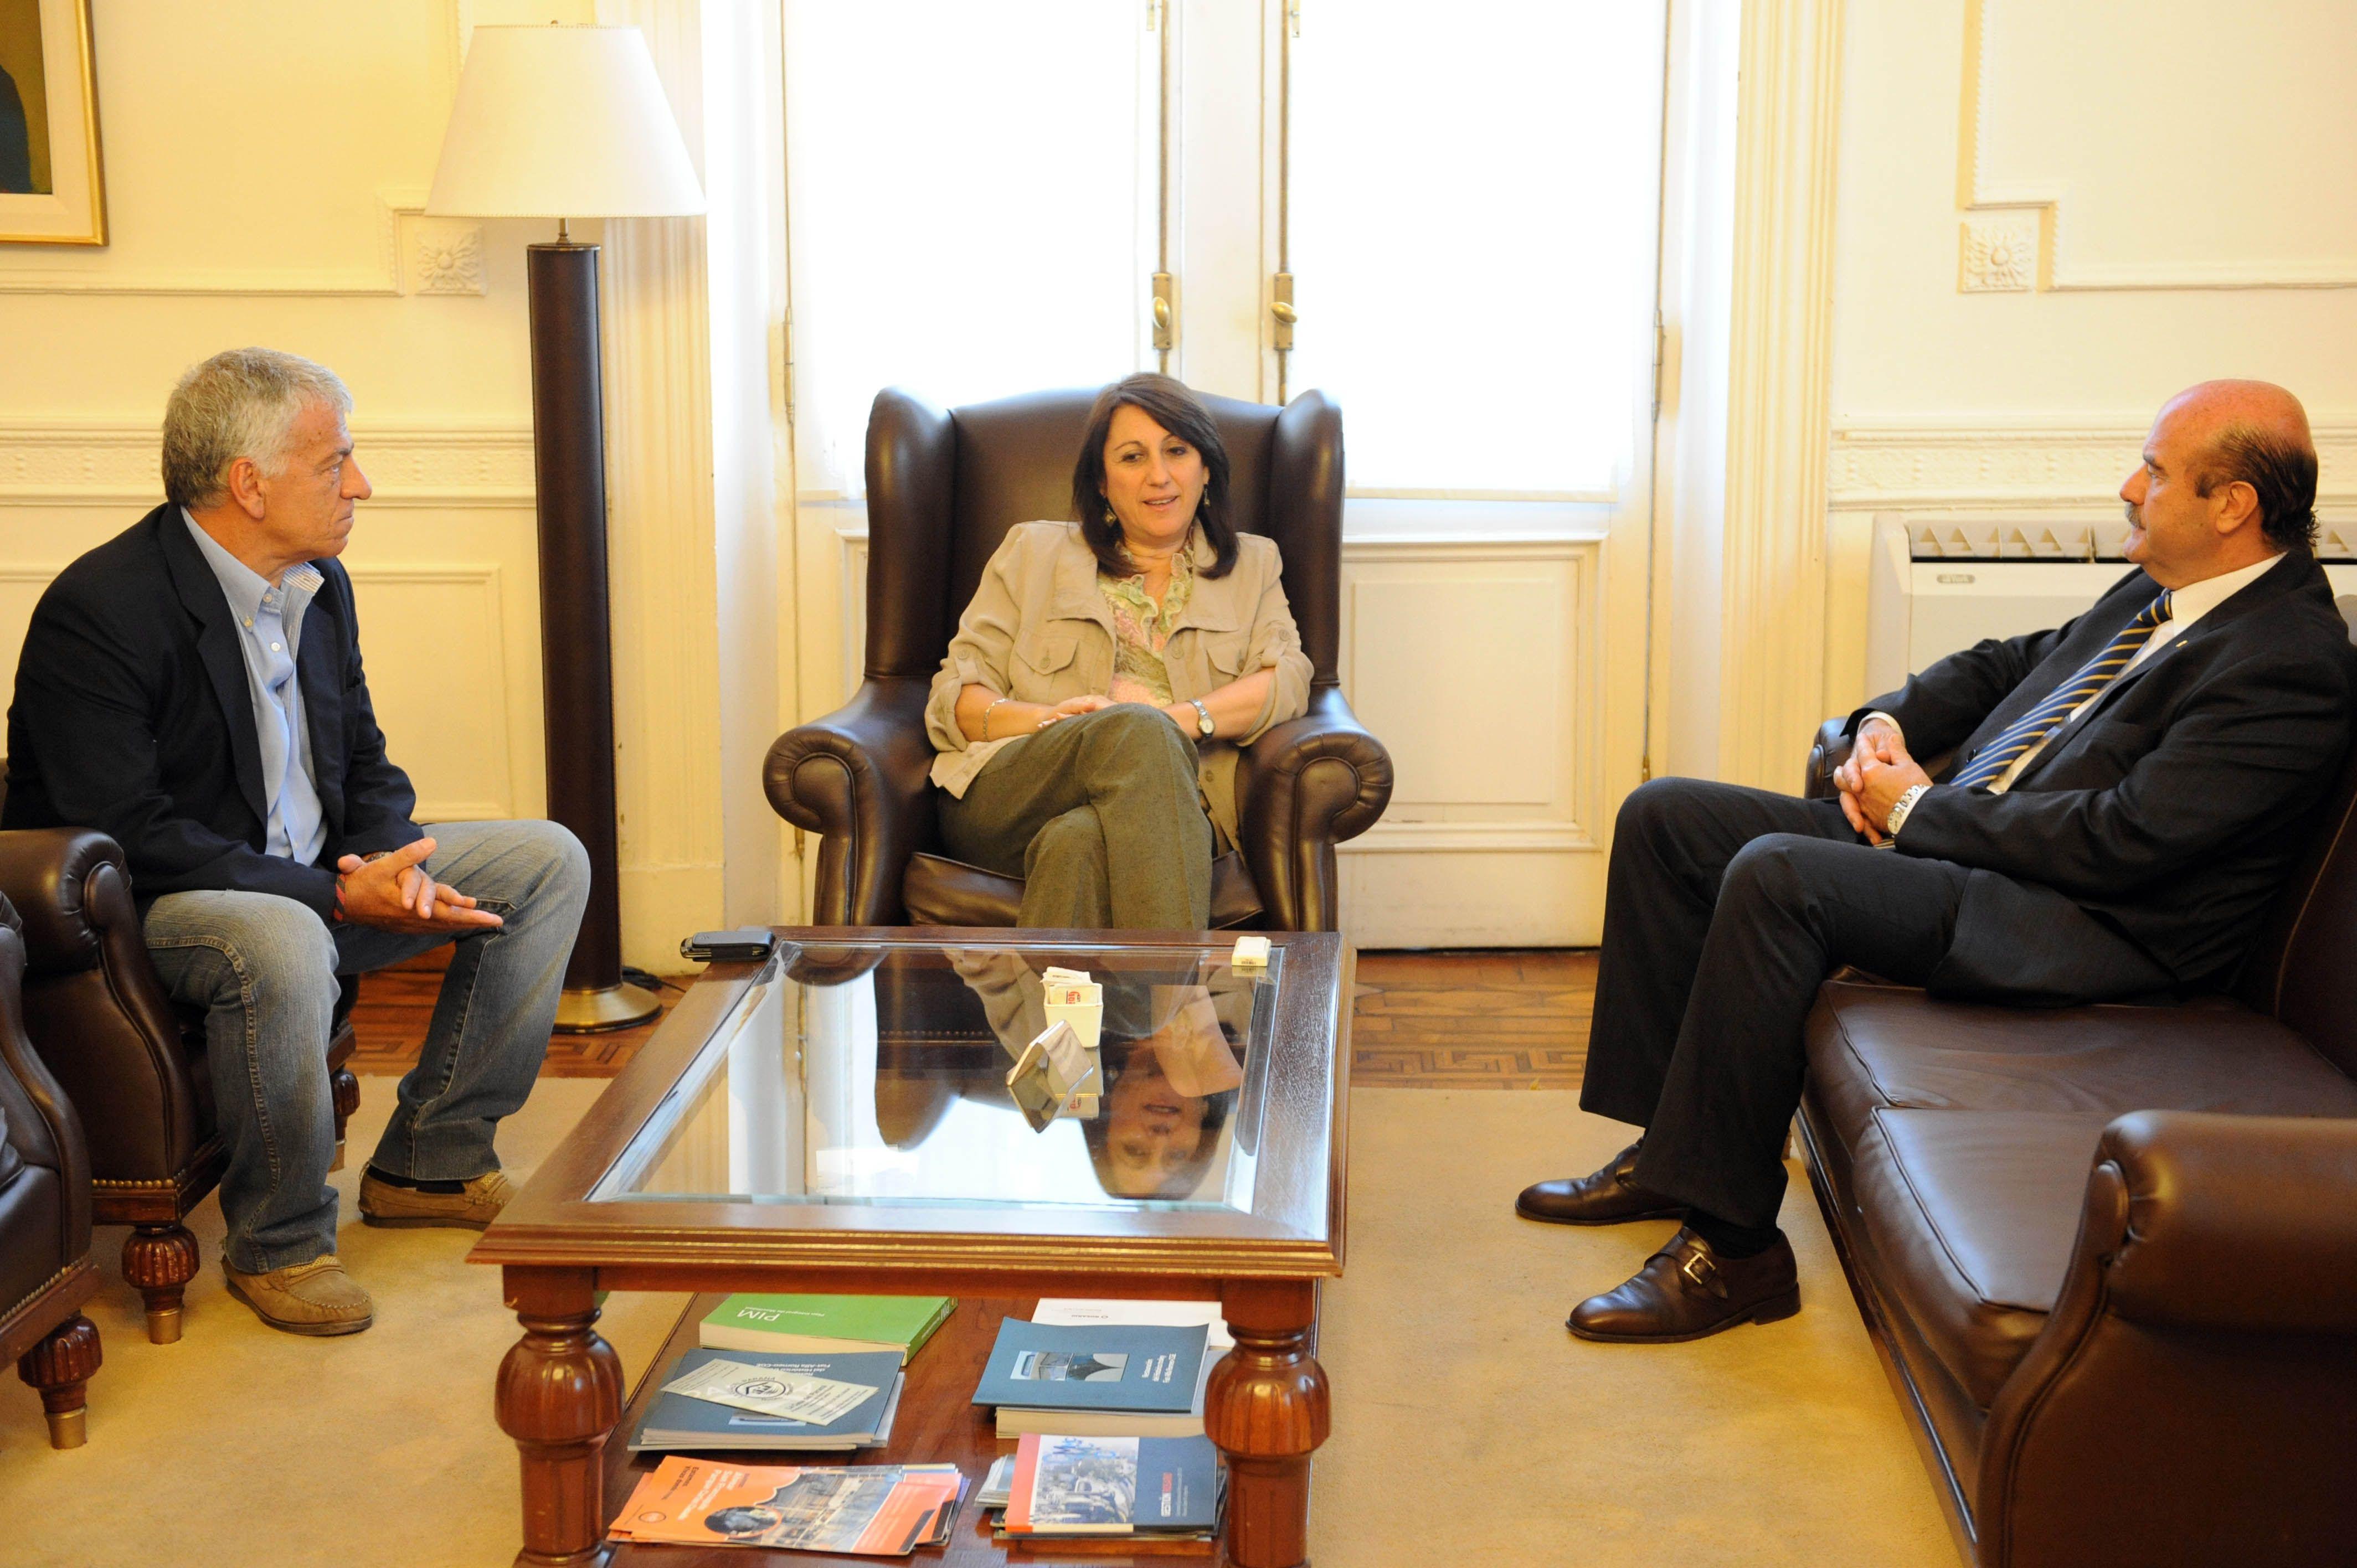 Fein habló con los presidentes de Newells y Central sobre convivencia ciudadana